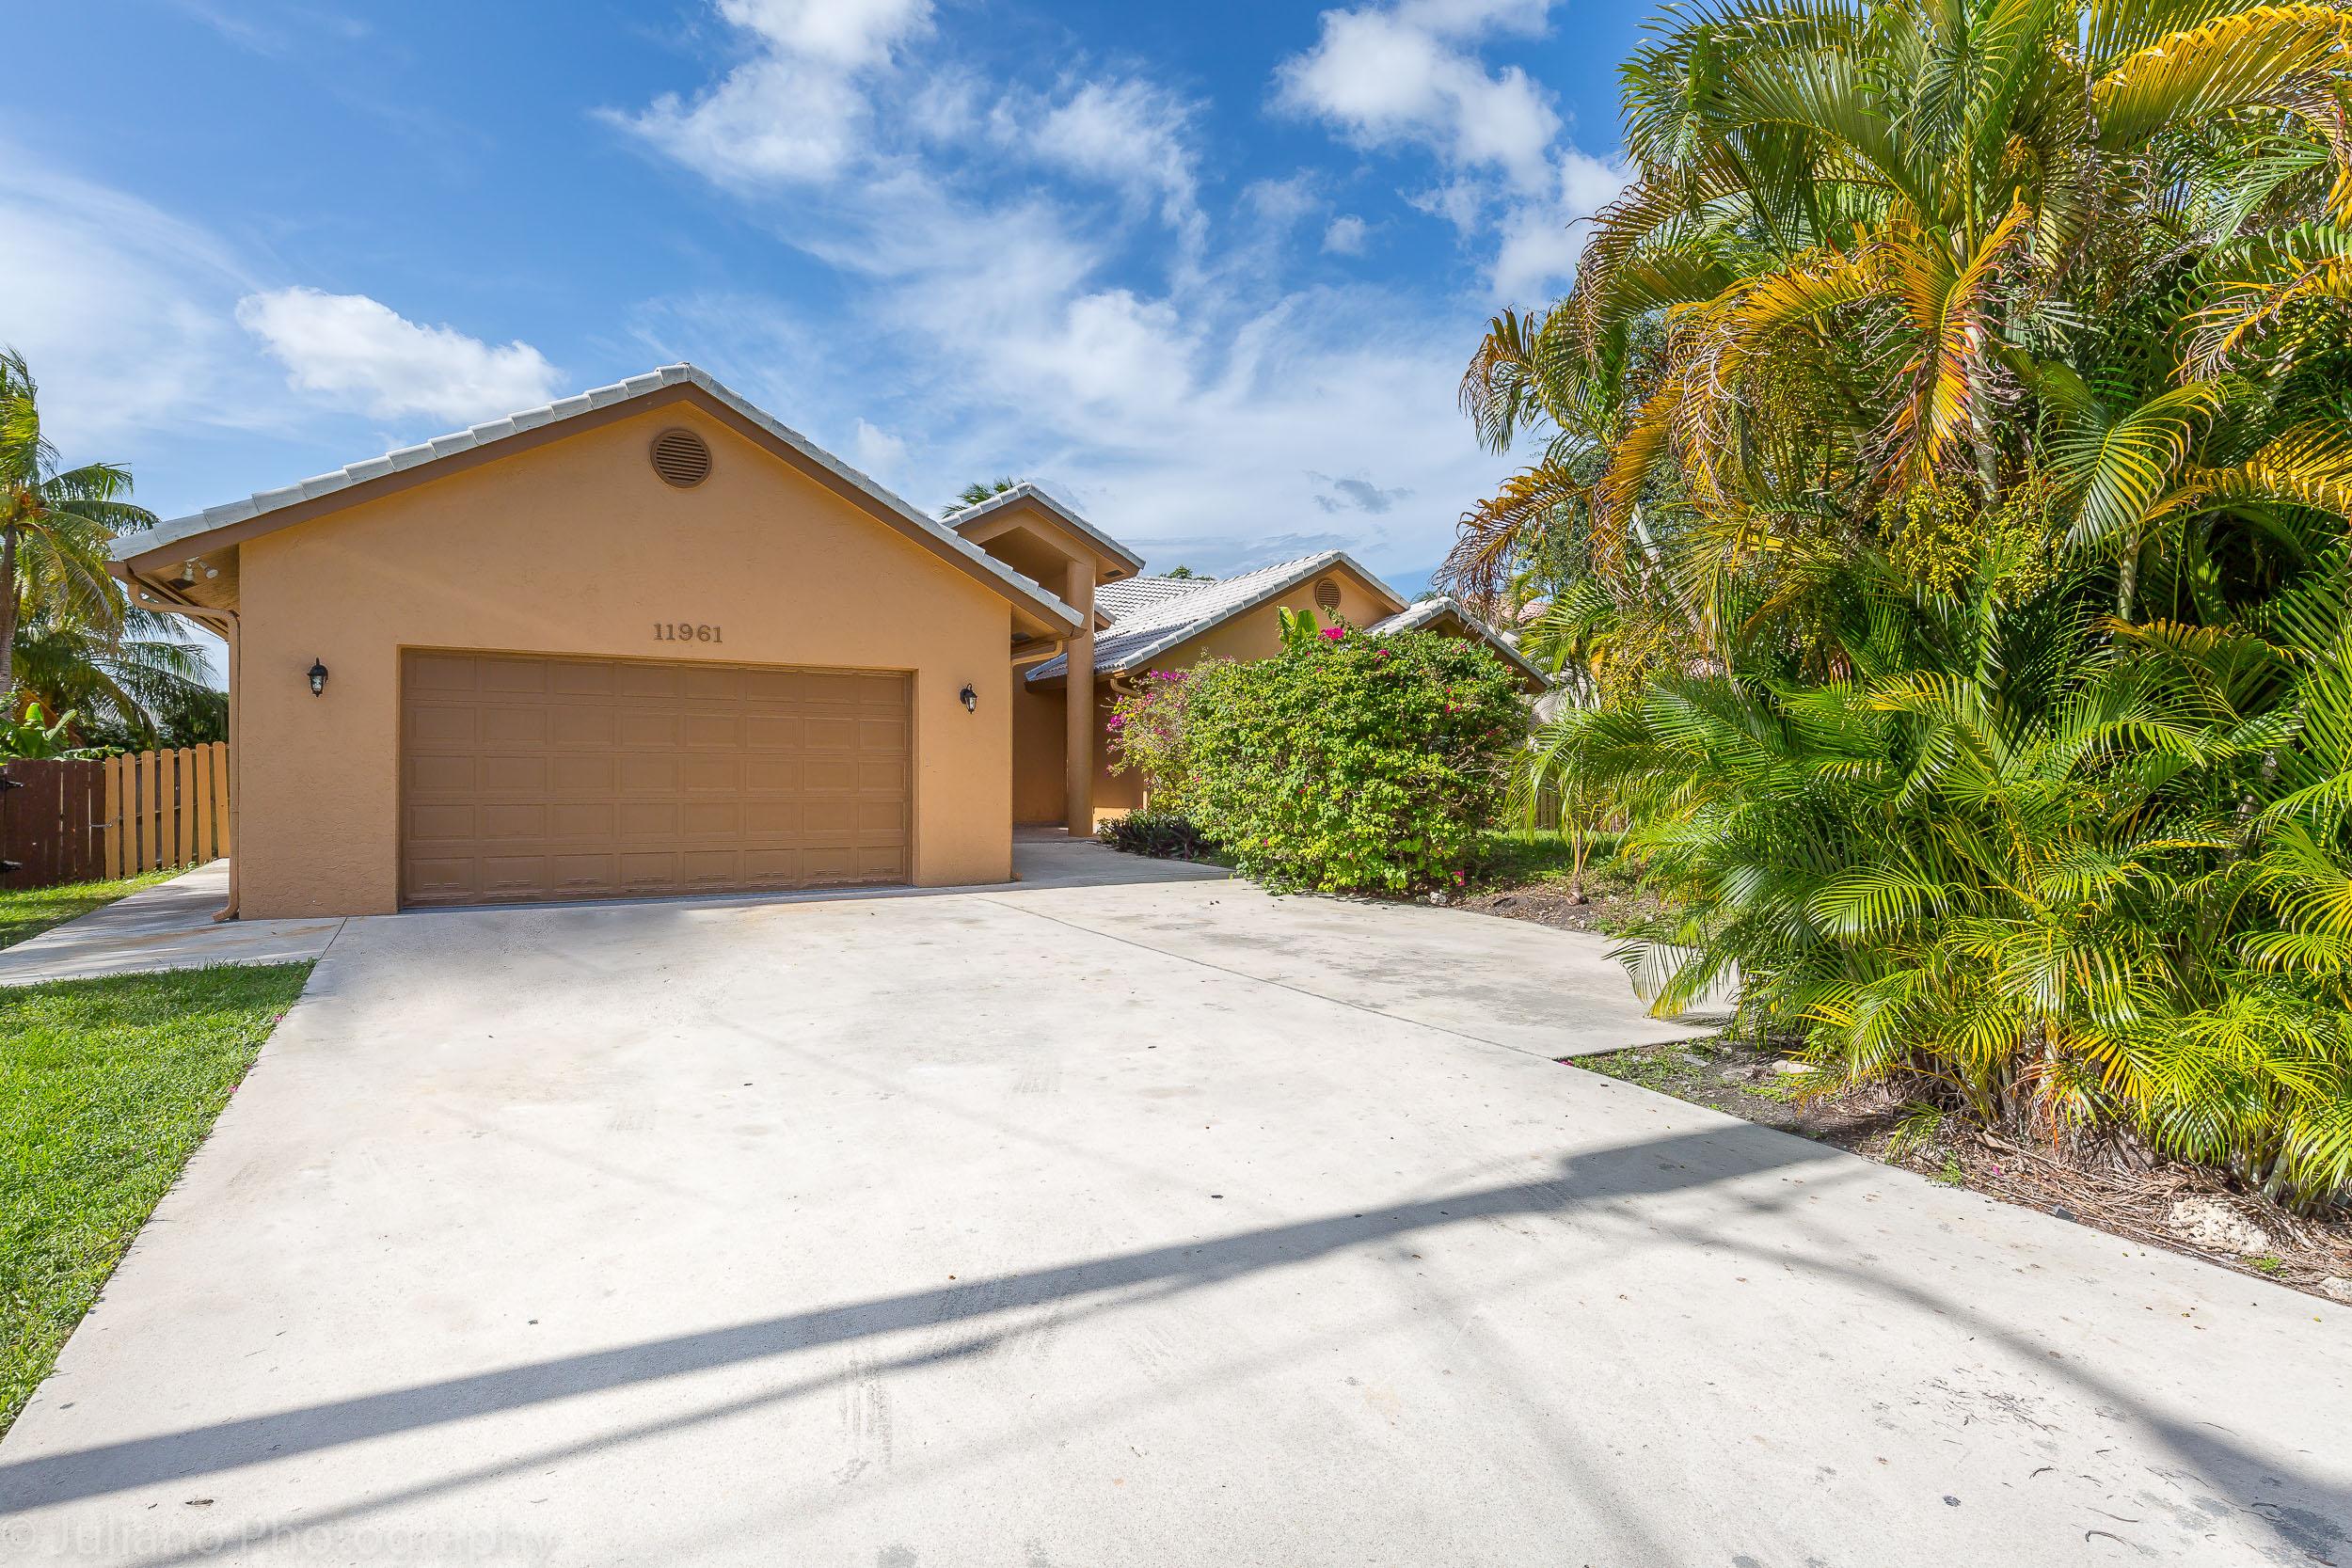 Nhà ở một gia đình vì Bán tại 11961 Nw 24th St Plantation, Florida, 33323 Hoa Kỳ